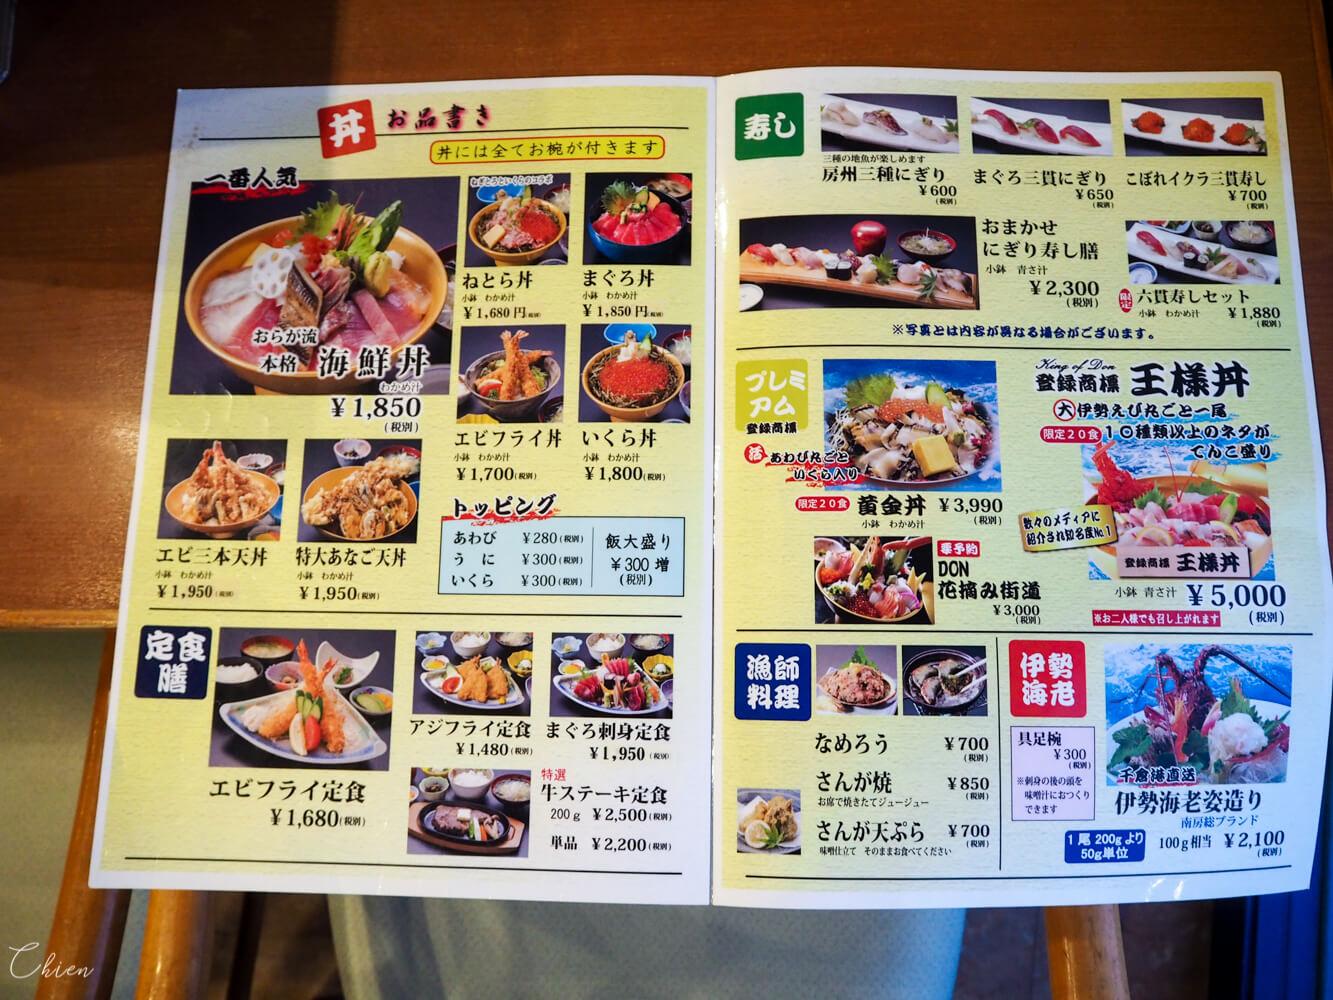 千葉「潮風王國」海鮮料理餐廳 菜單